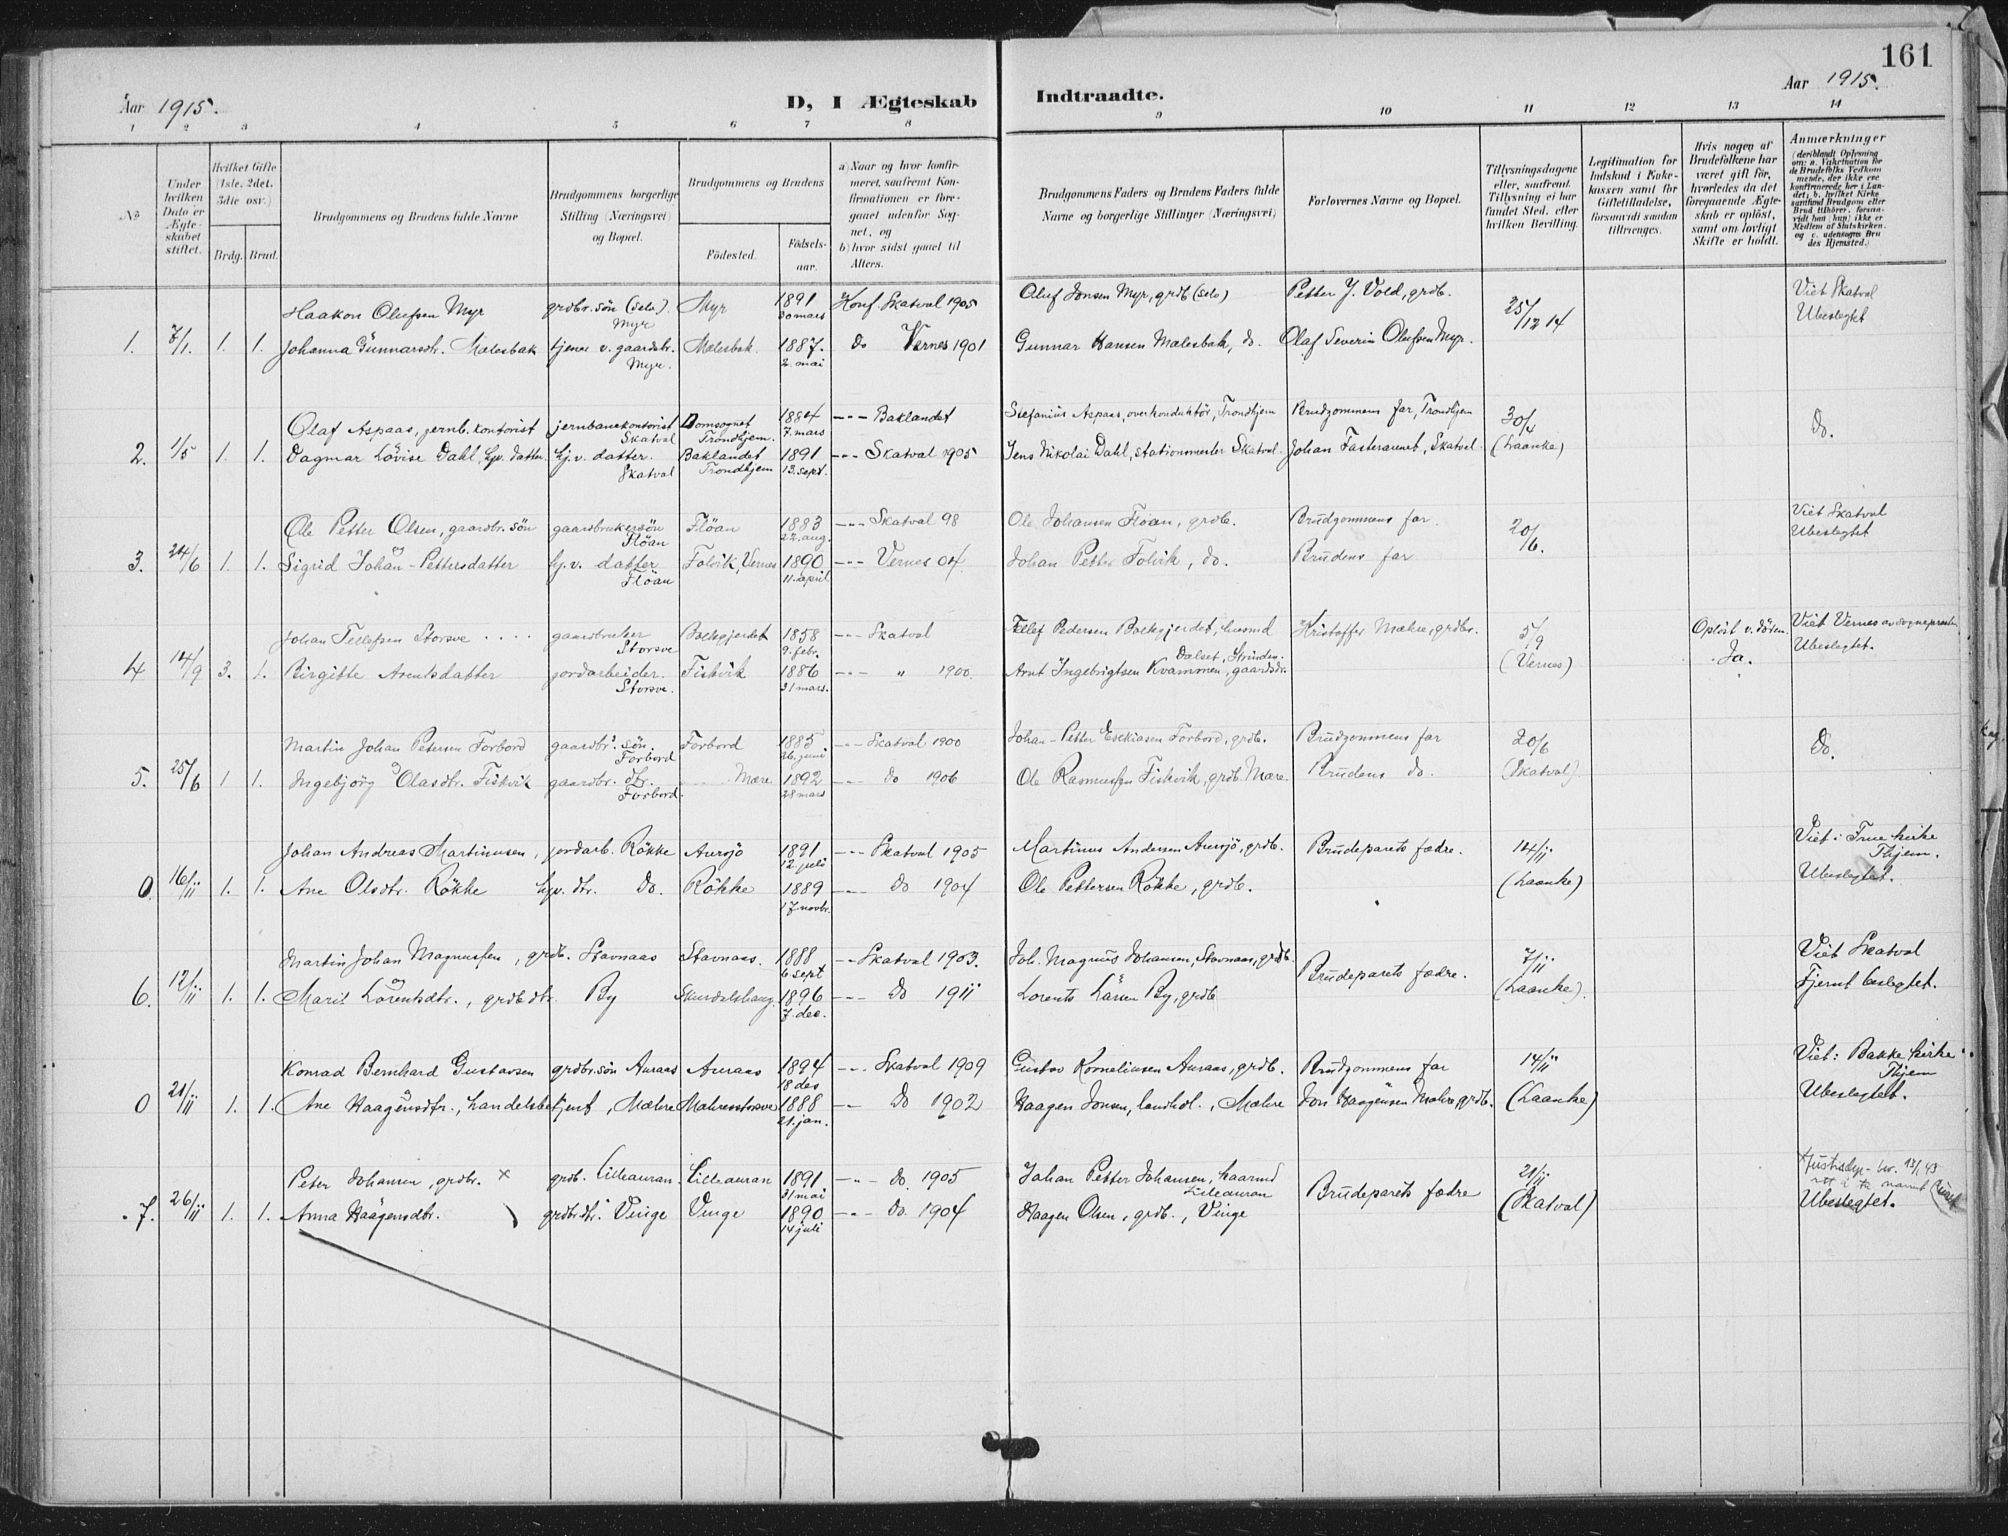 SAT, Ministerialprotokoller, klokkerbøker og fødselsregistre - Nord-Trøndelag, 712/L0101: Ministerialbok nr. 712A02, 1901-1916, s. 161